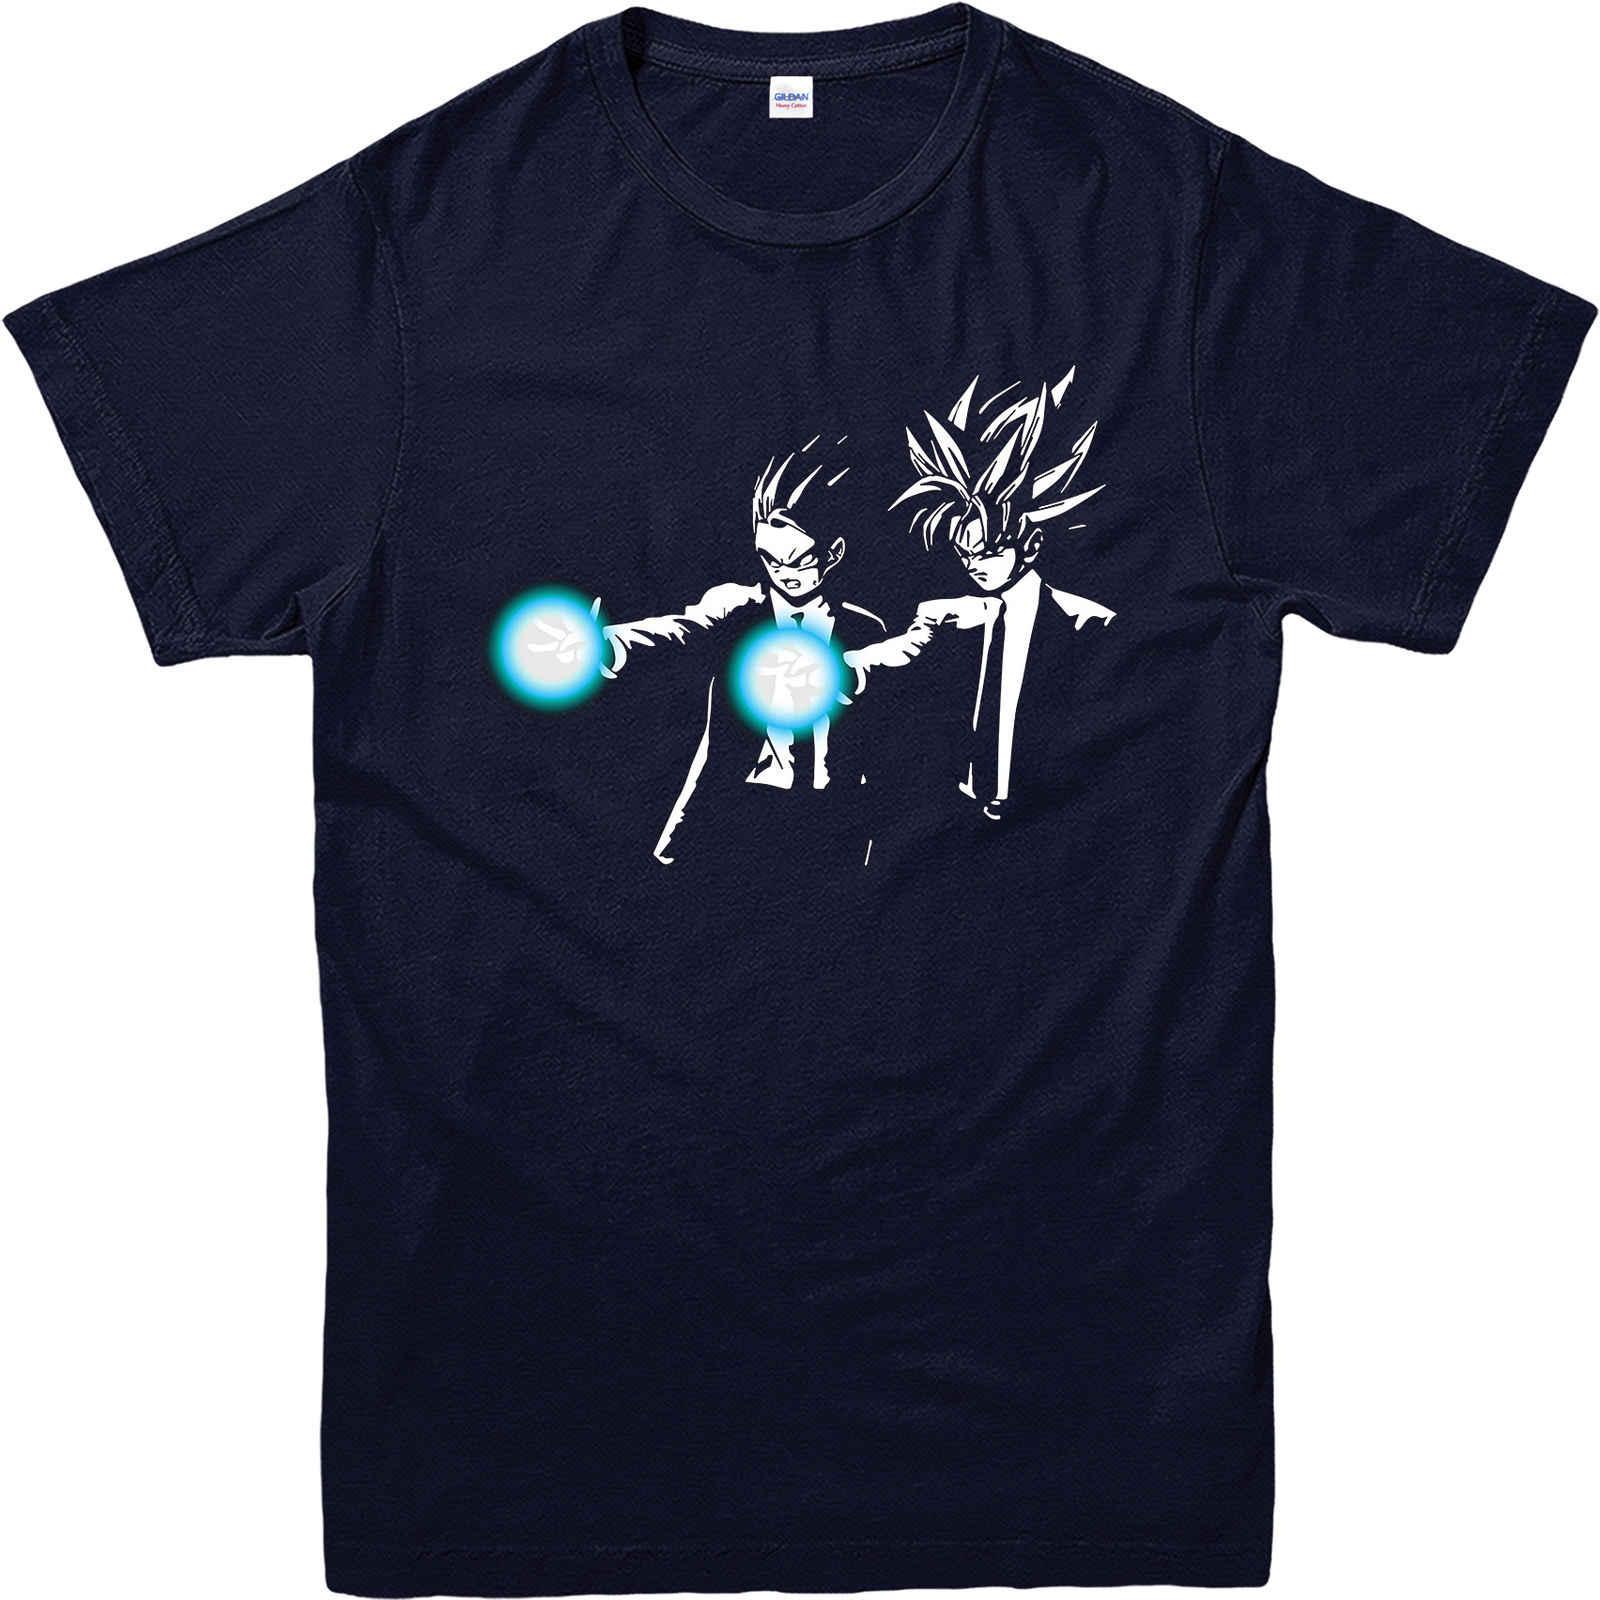 Dragon Ball Z футболка, целлюлозно Художественная литература пародия футболка, гоку Топ Бесплатная доставка Футболка Harajuku Модные топы Классический Уникальный футболка